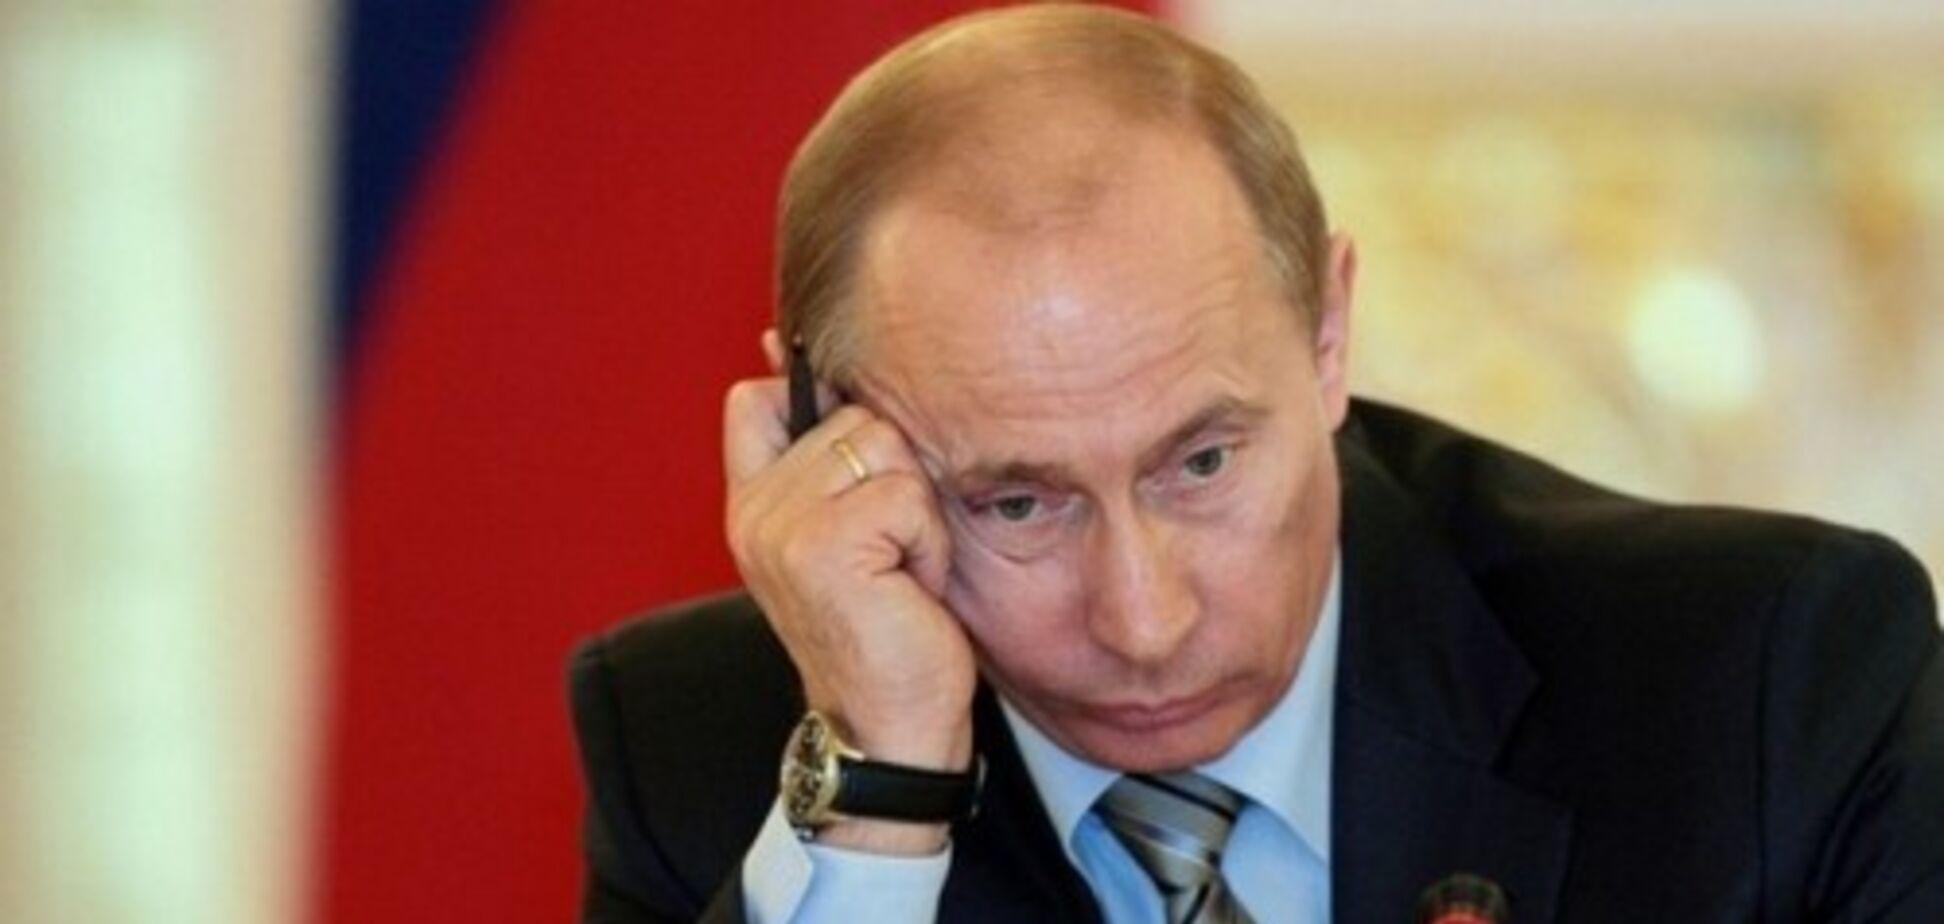 Сумний Путін в поїзді став героєм мемов